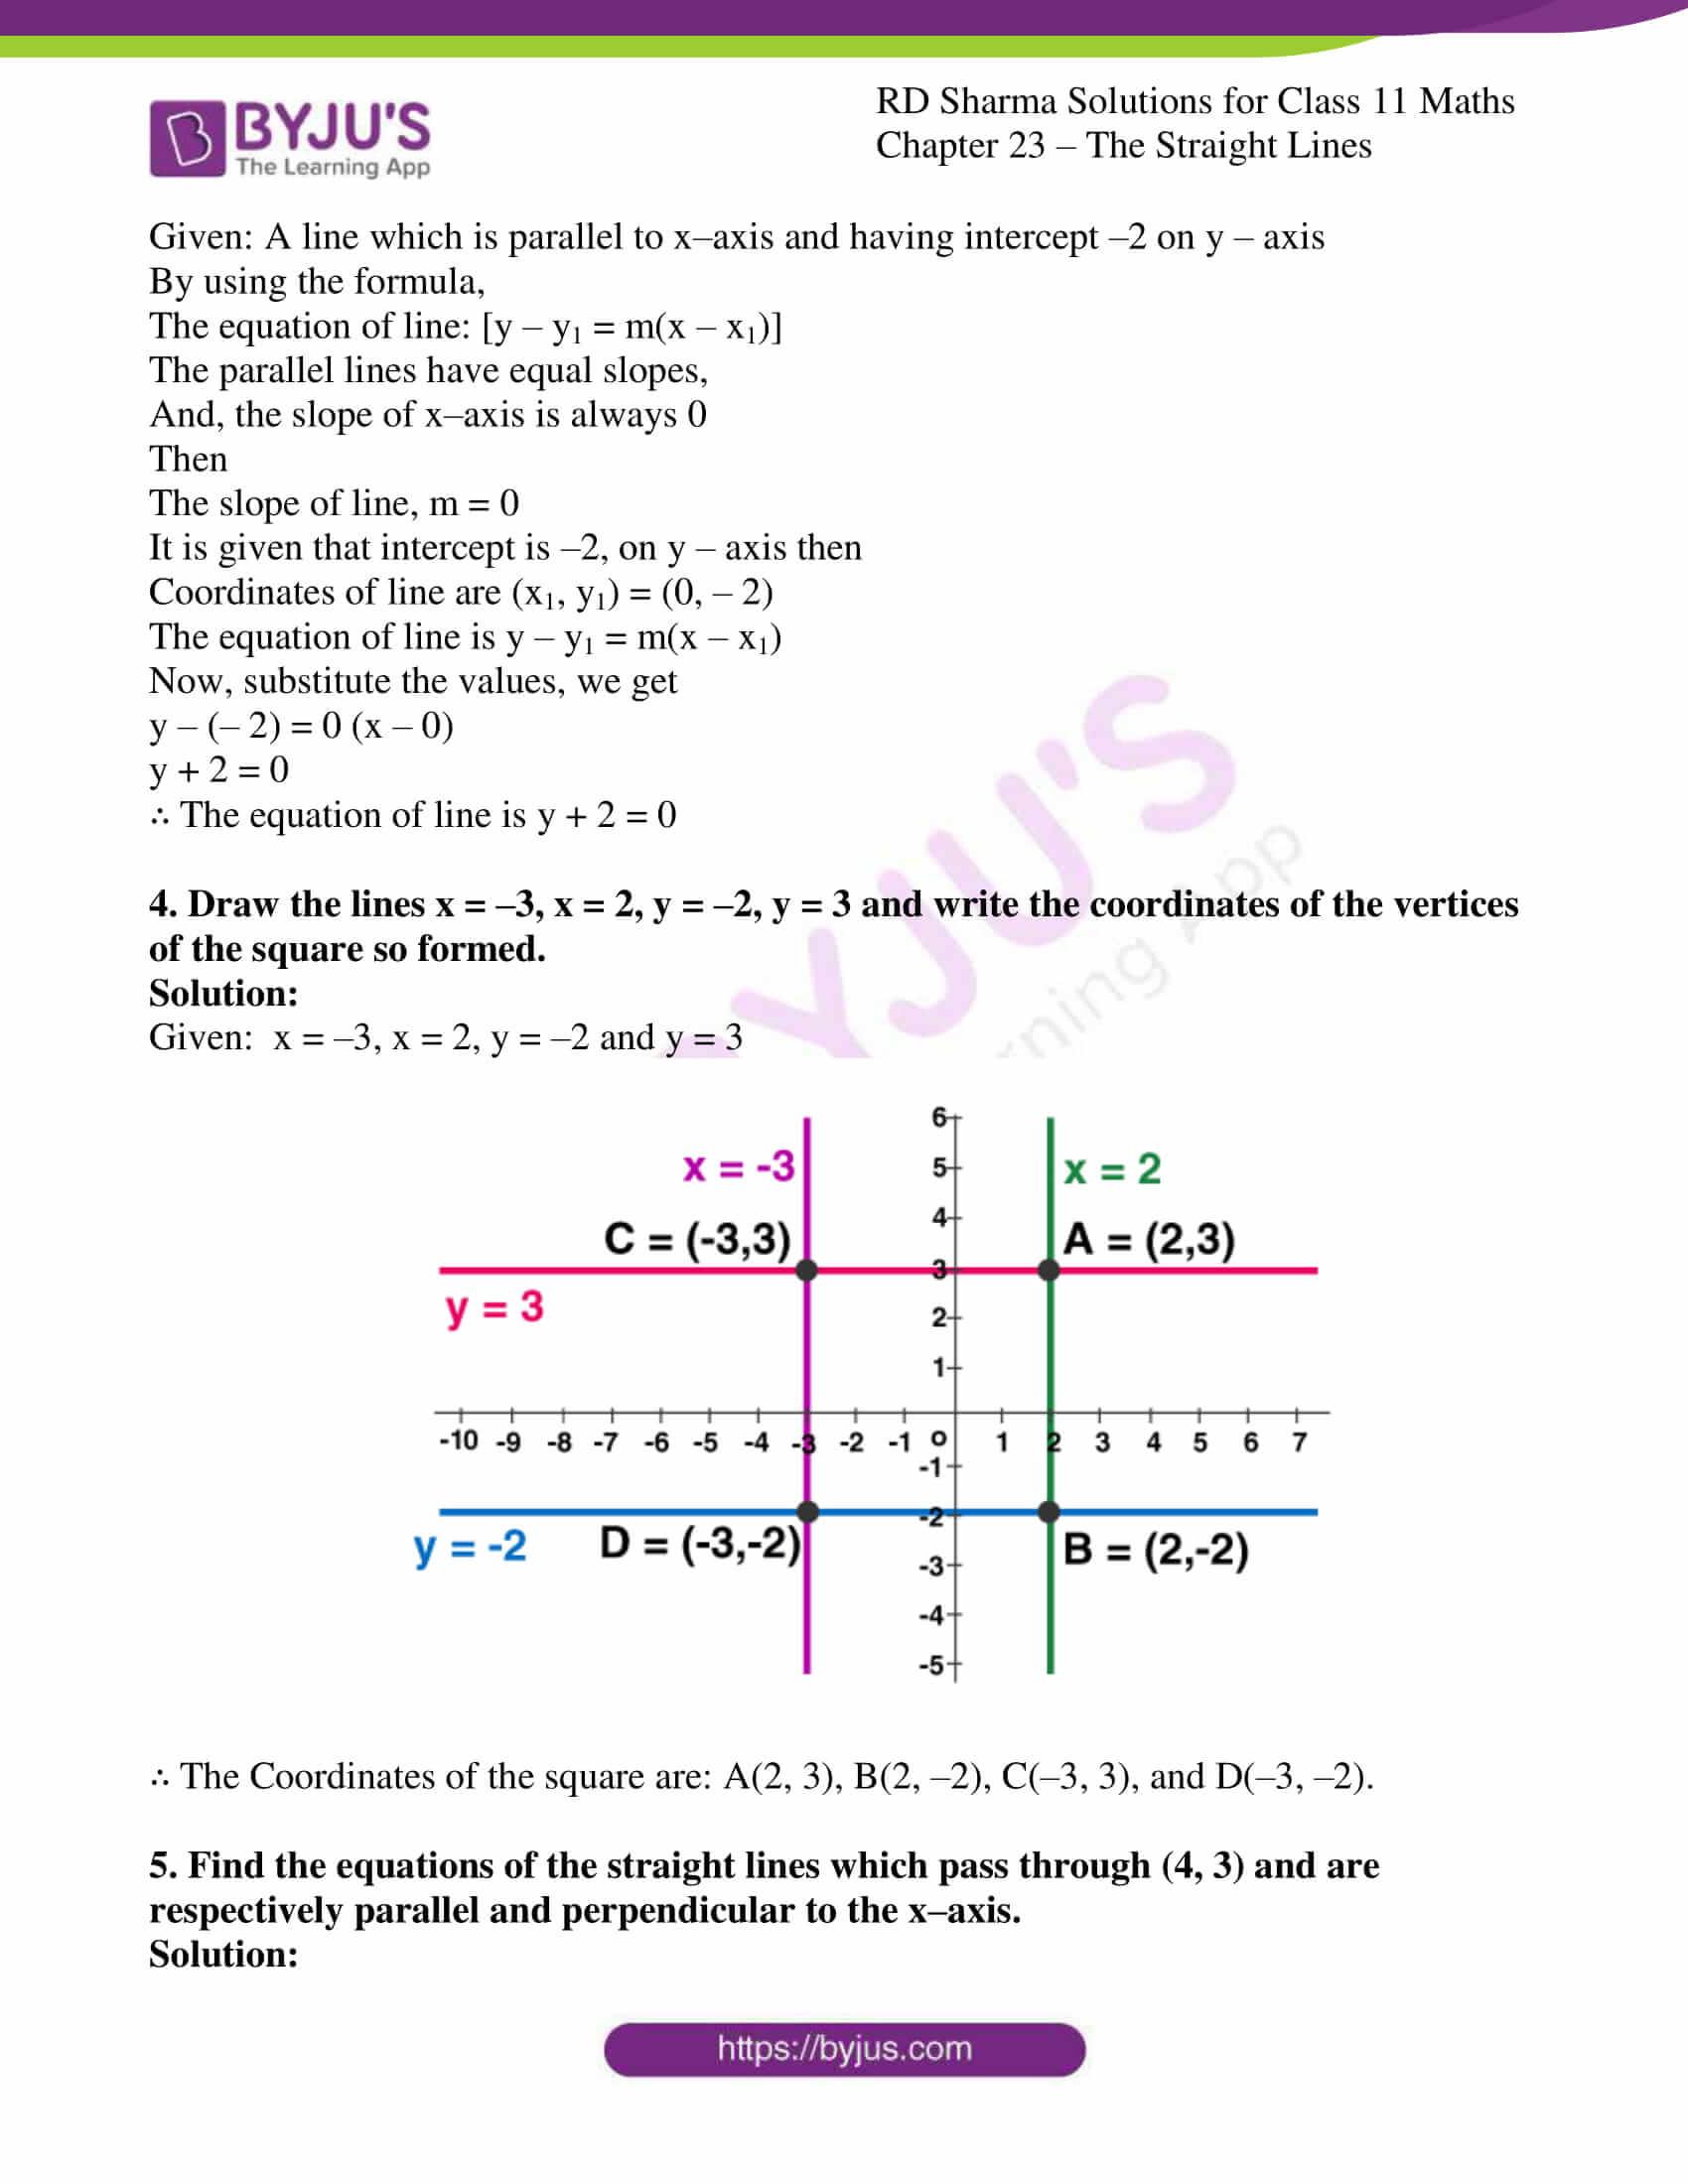 rd sharma class 11 maths chapter 23 ex 2 2